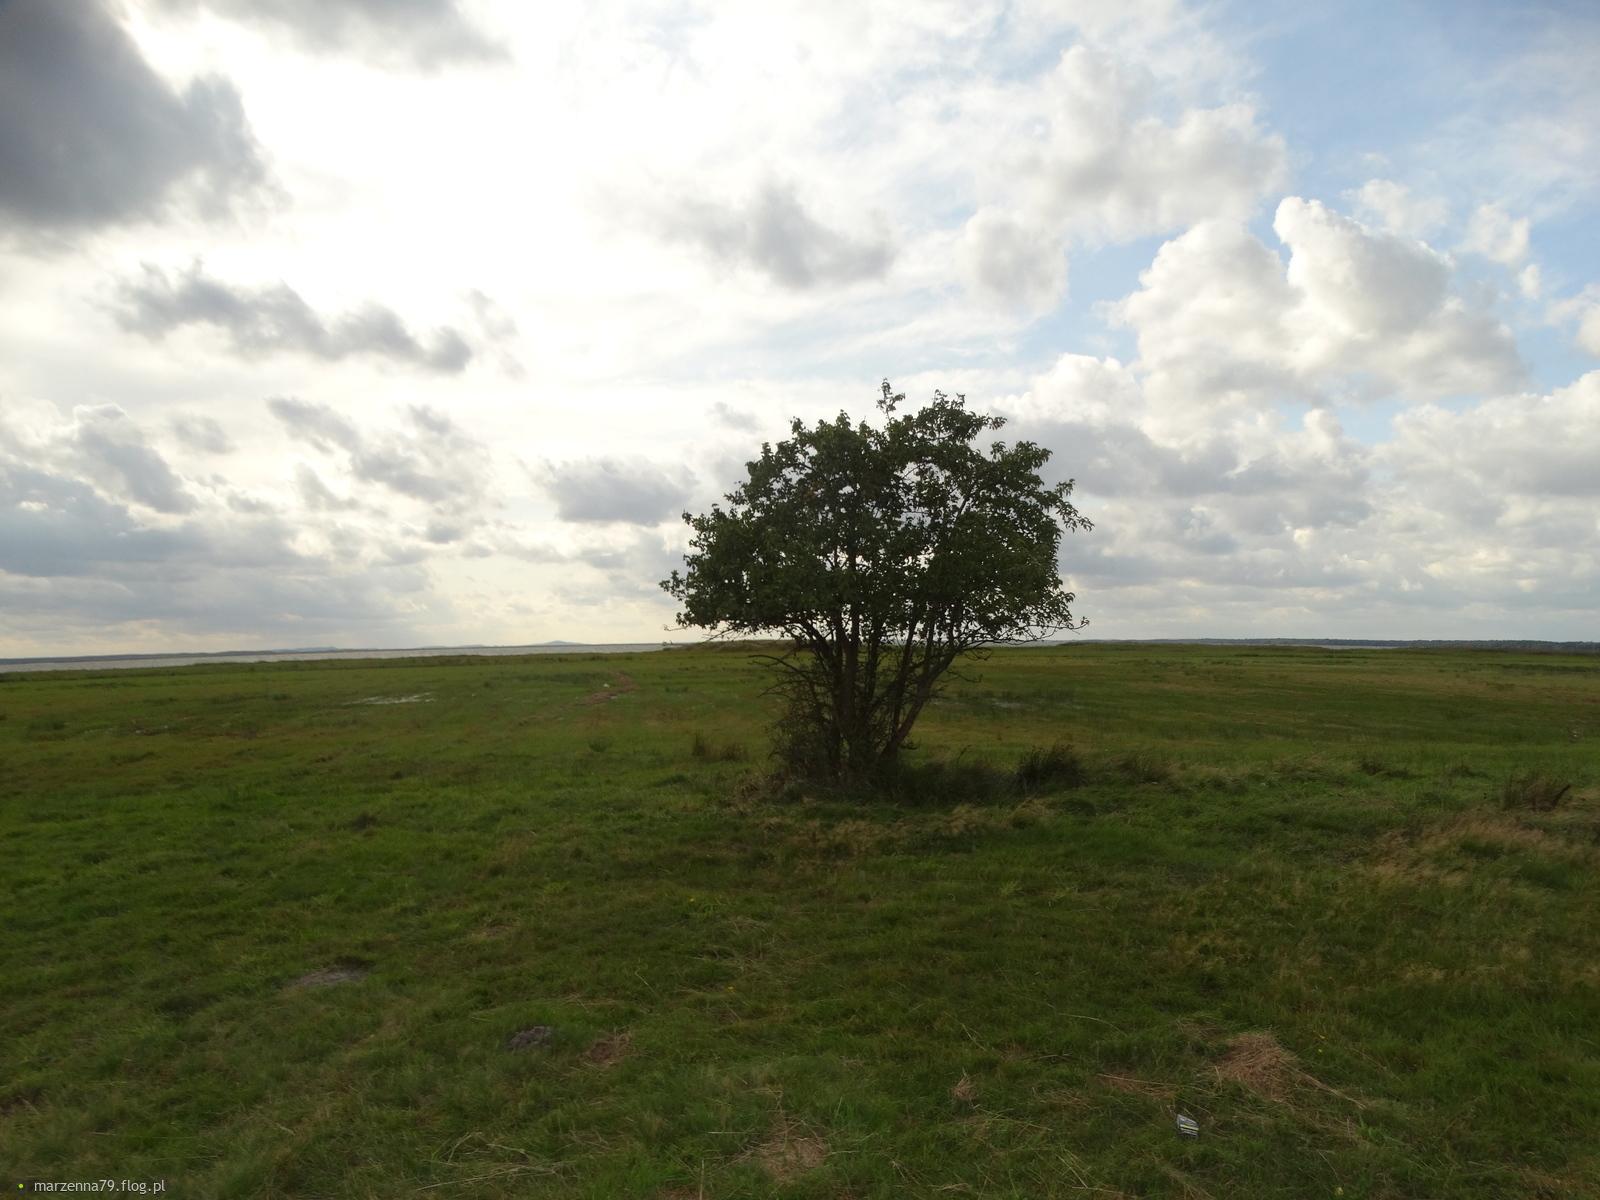 ŁEBA -  Spacerkiem przez pola i szuwary podczas wichury  ☸ ⛵